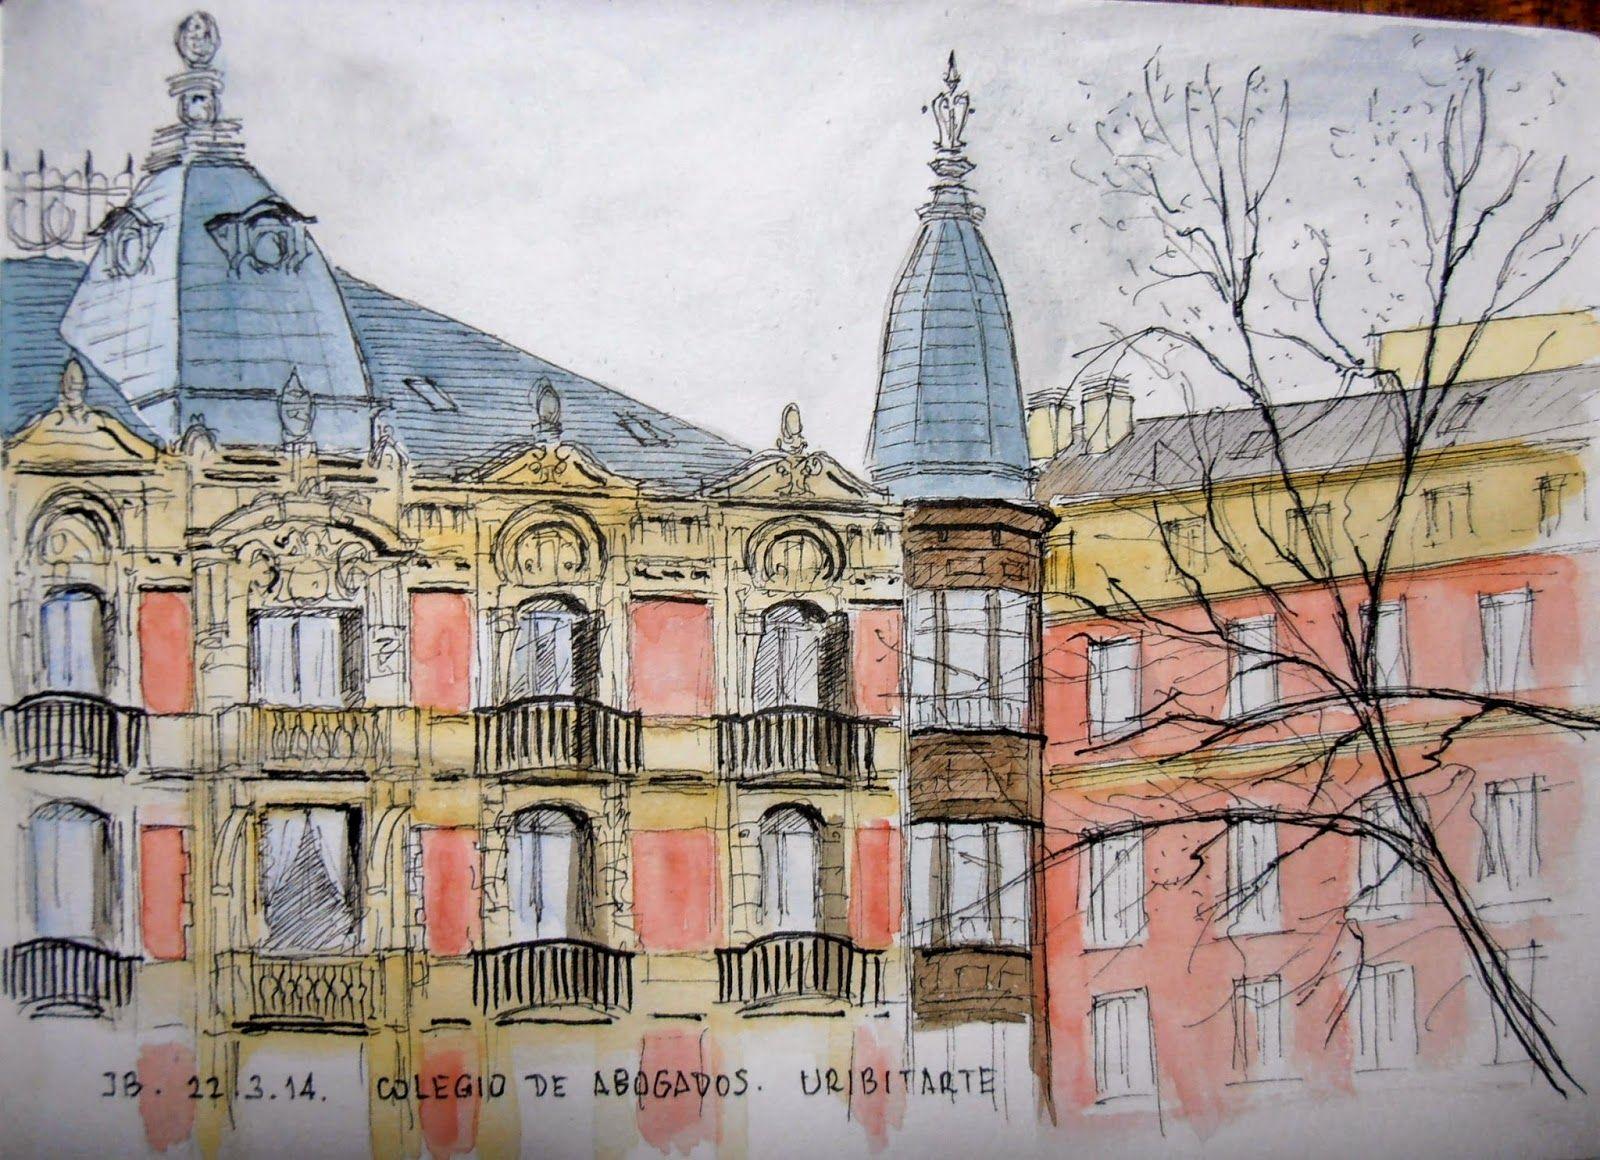 Casa aburto situada en rampas de uribitarte bilbao construida en 1904 por el arquitecto - Colegio arquitectos bilbao ...